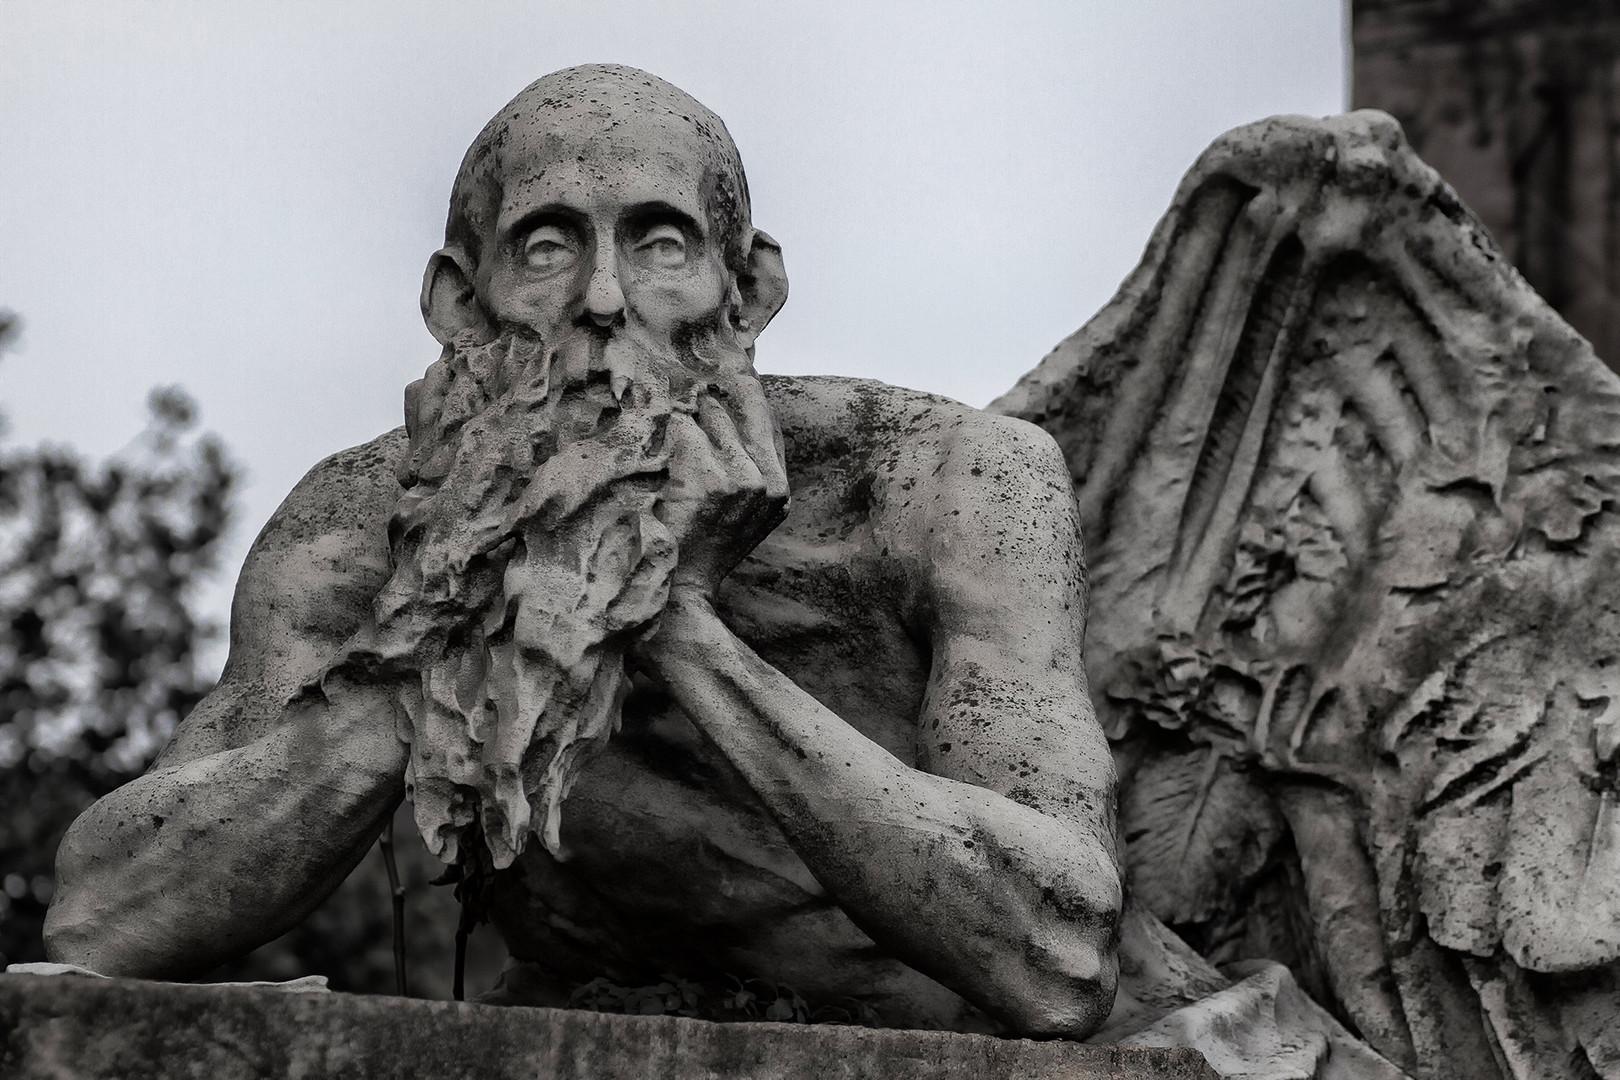 OmoGirando il Cimitero Monumentale: un museo a cielo aperto Cimitero-monumentale-milano-6-5bfc1ae2-16e8-4bff-9358-e9972d31f9c4